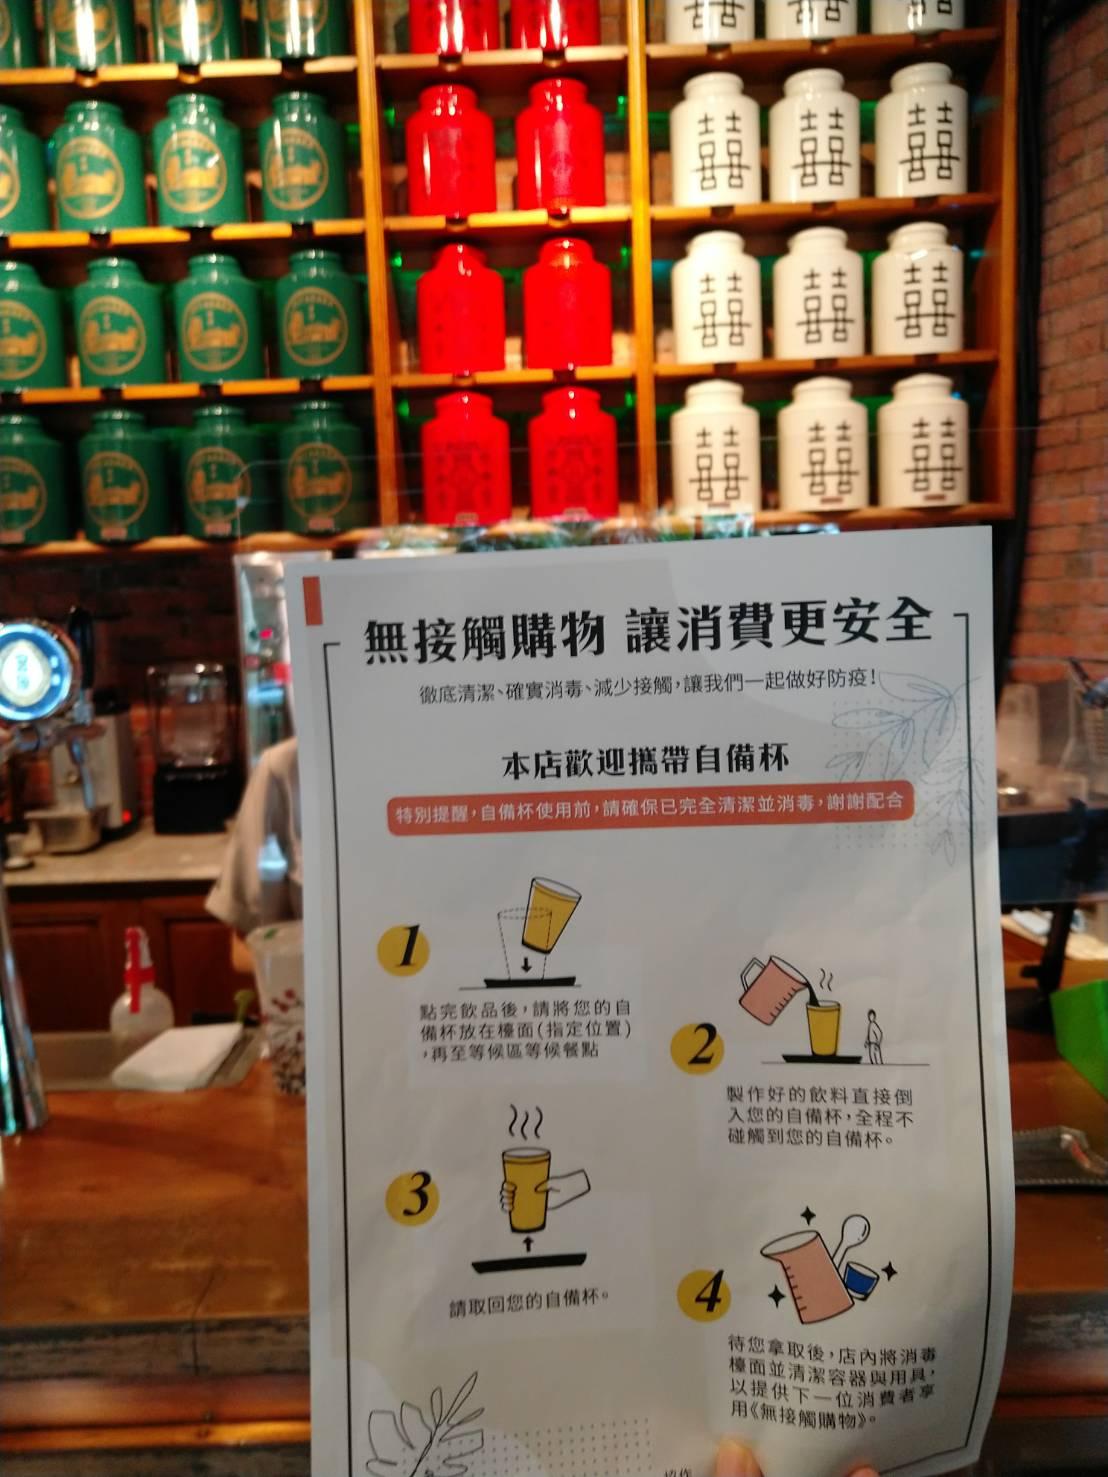 位於臺中的宮原眼科珍奶部響應綠色和平推動的「無接觸購物」,鼓勵民眾自備環保杯,店員也將以安全、無接觸的方式販售飲料。